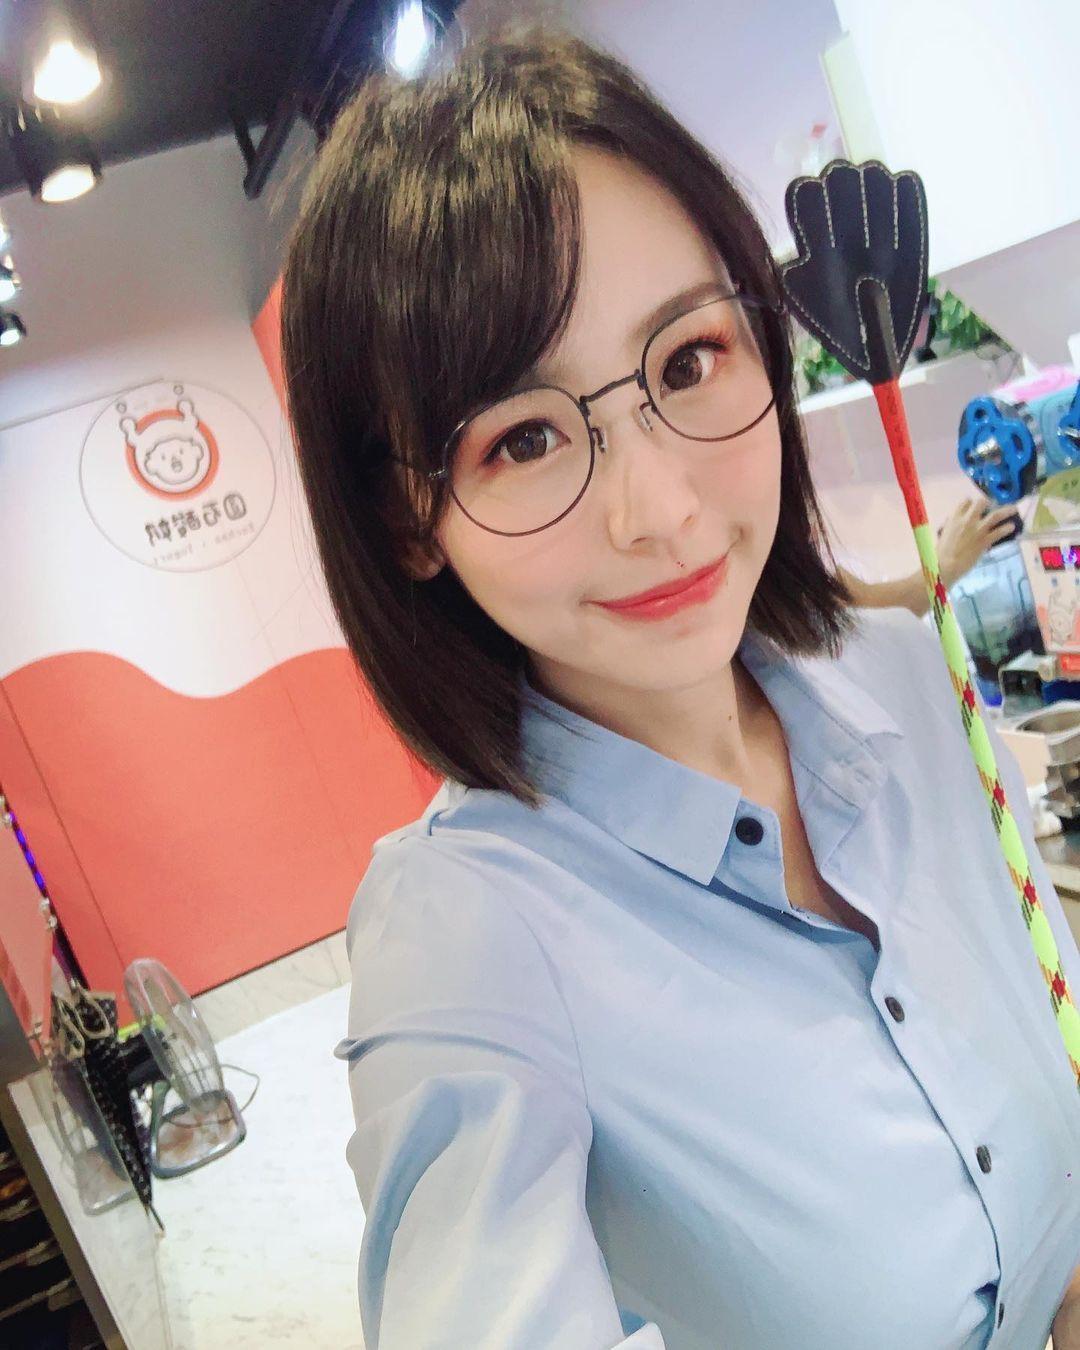 台版女郎新垣结衣希希CC换上了海军制服 网络美女 第5张